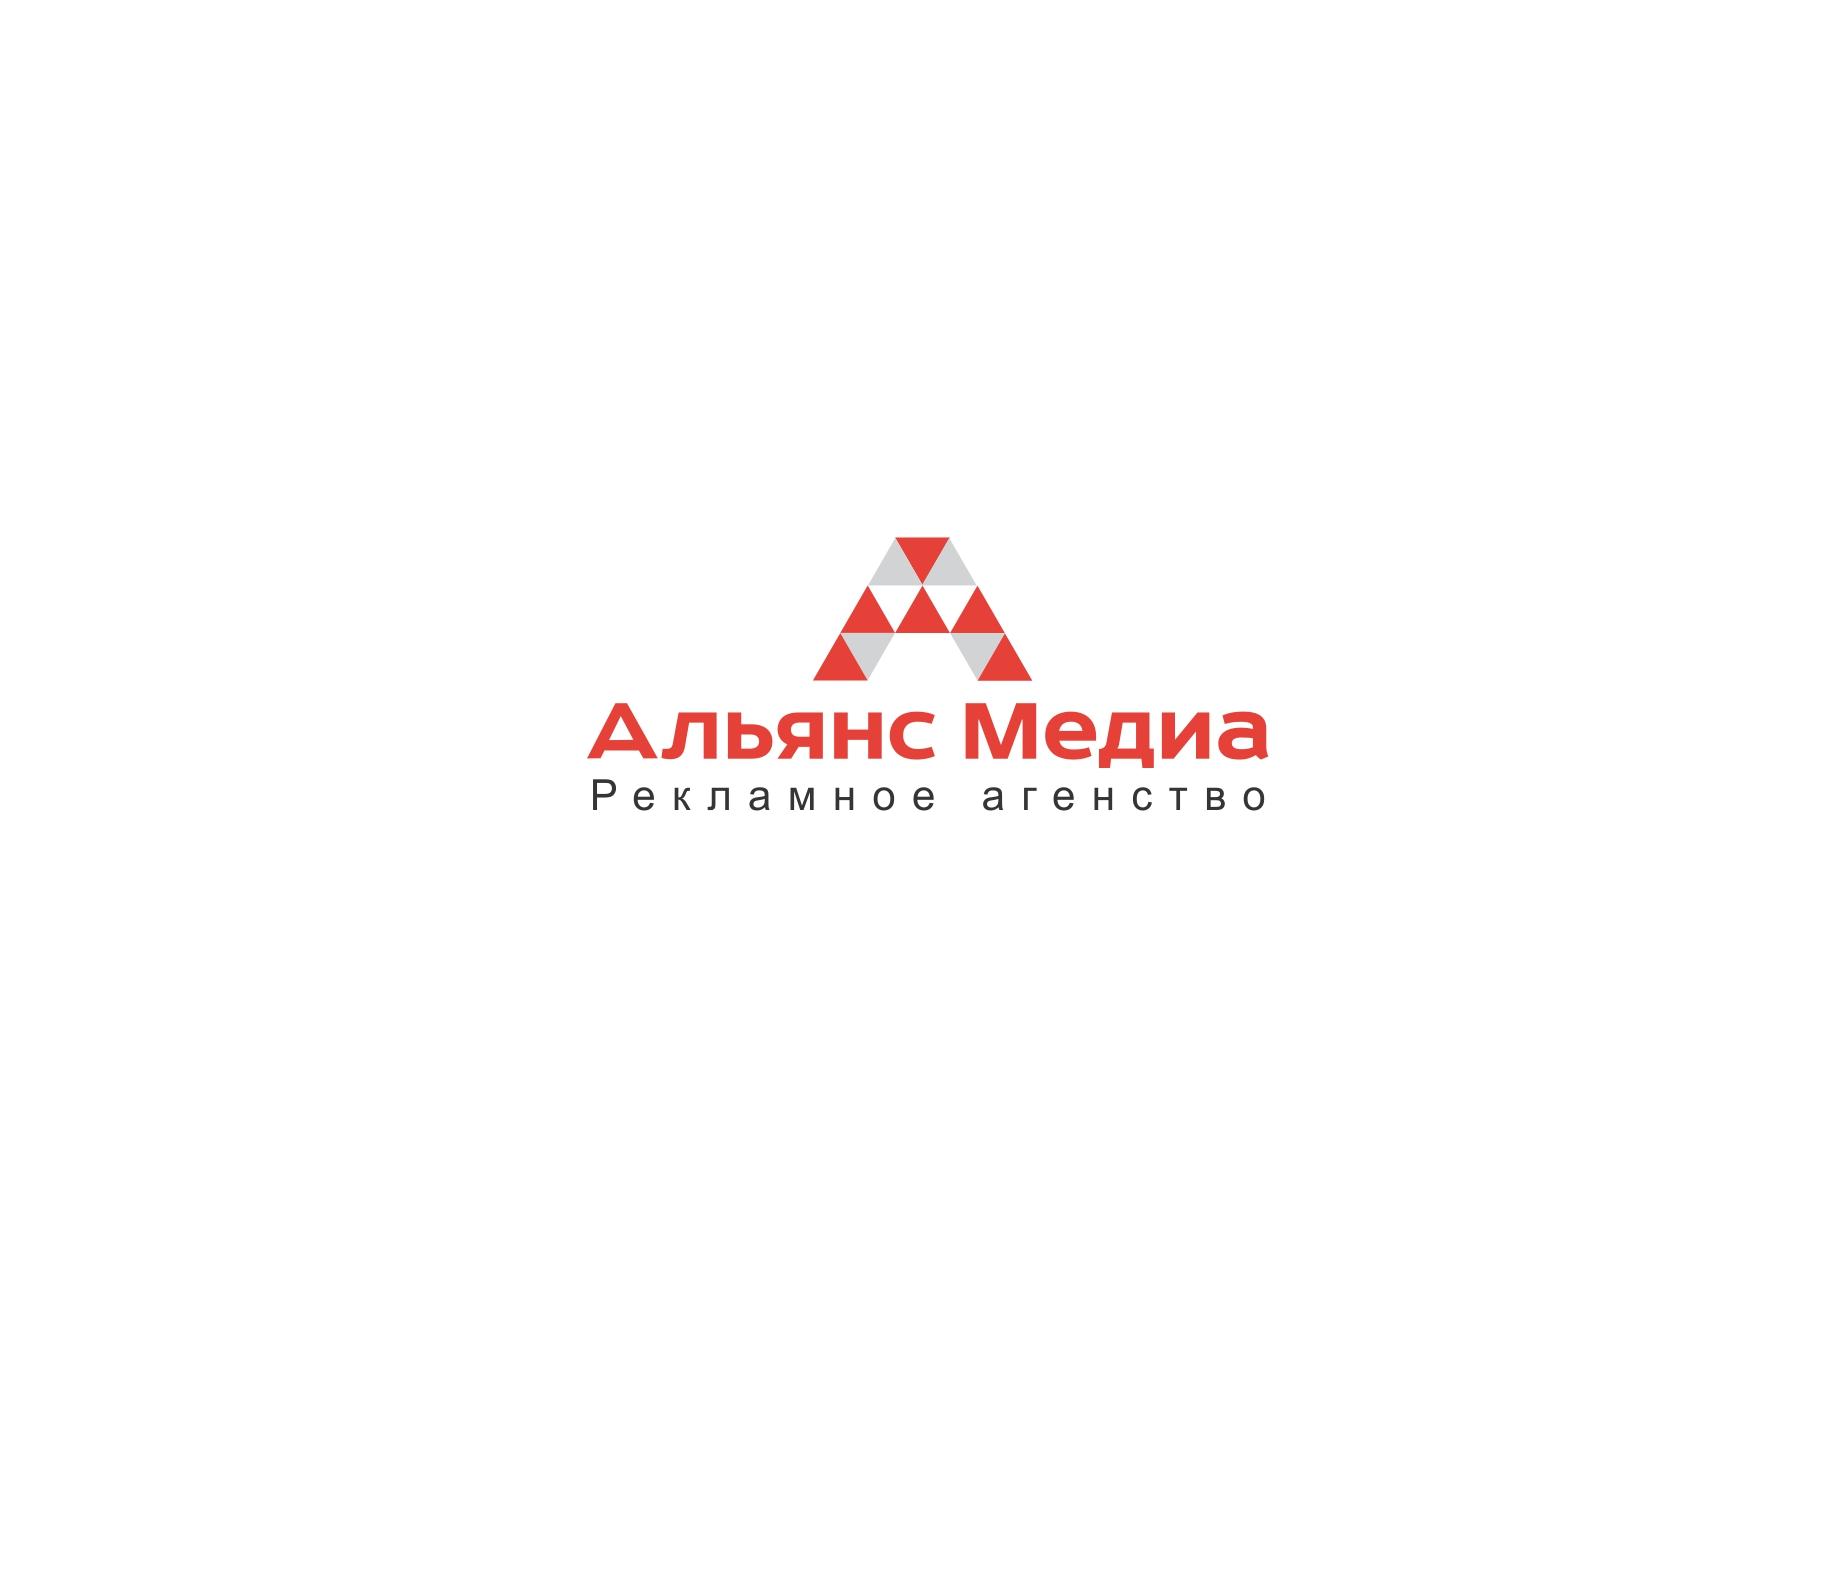 Создать логотип для компании фото f_5015aa908986e0a3.jpg